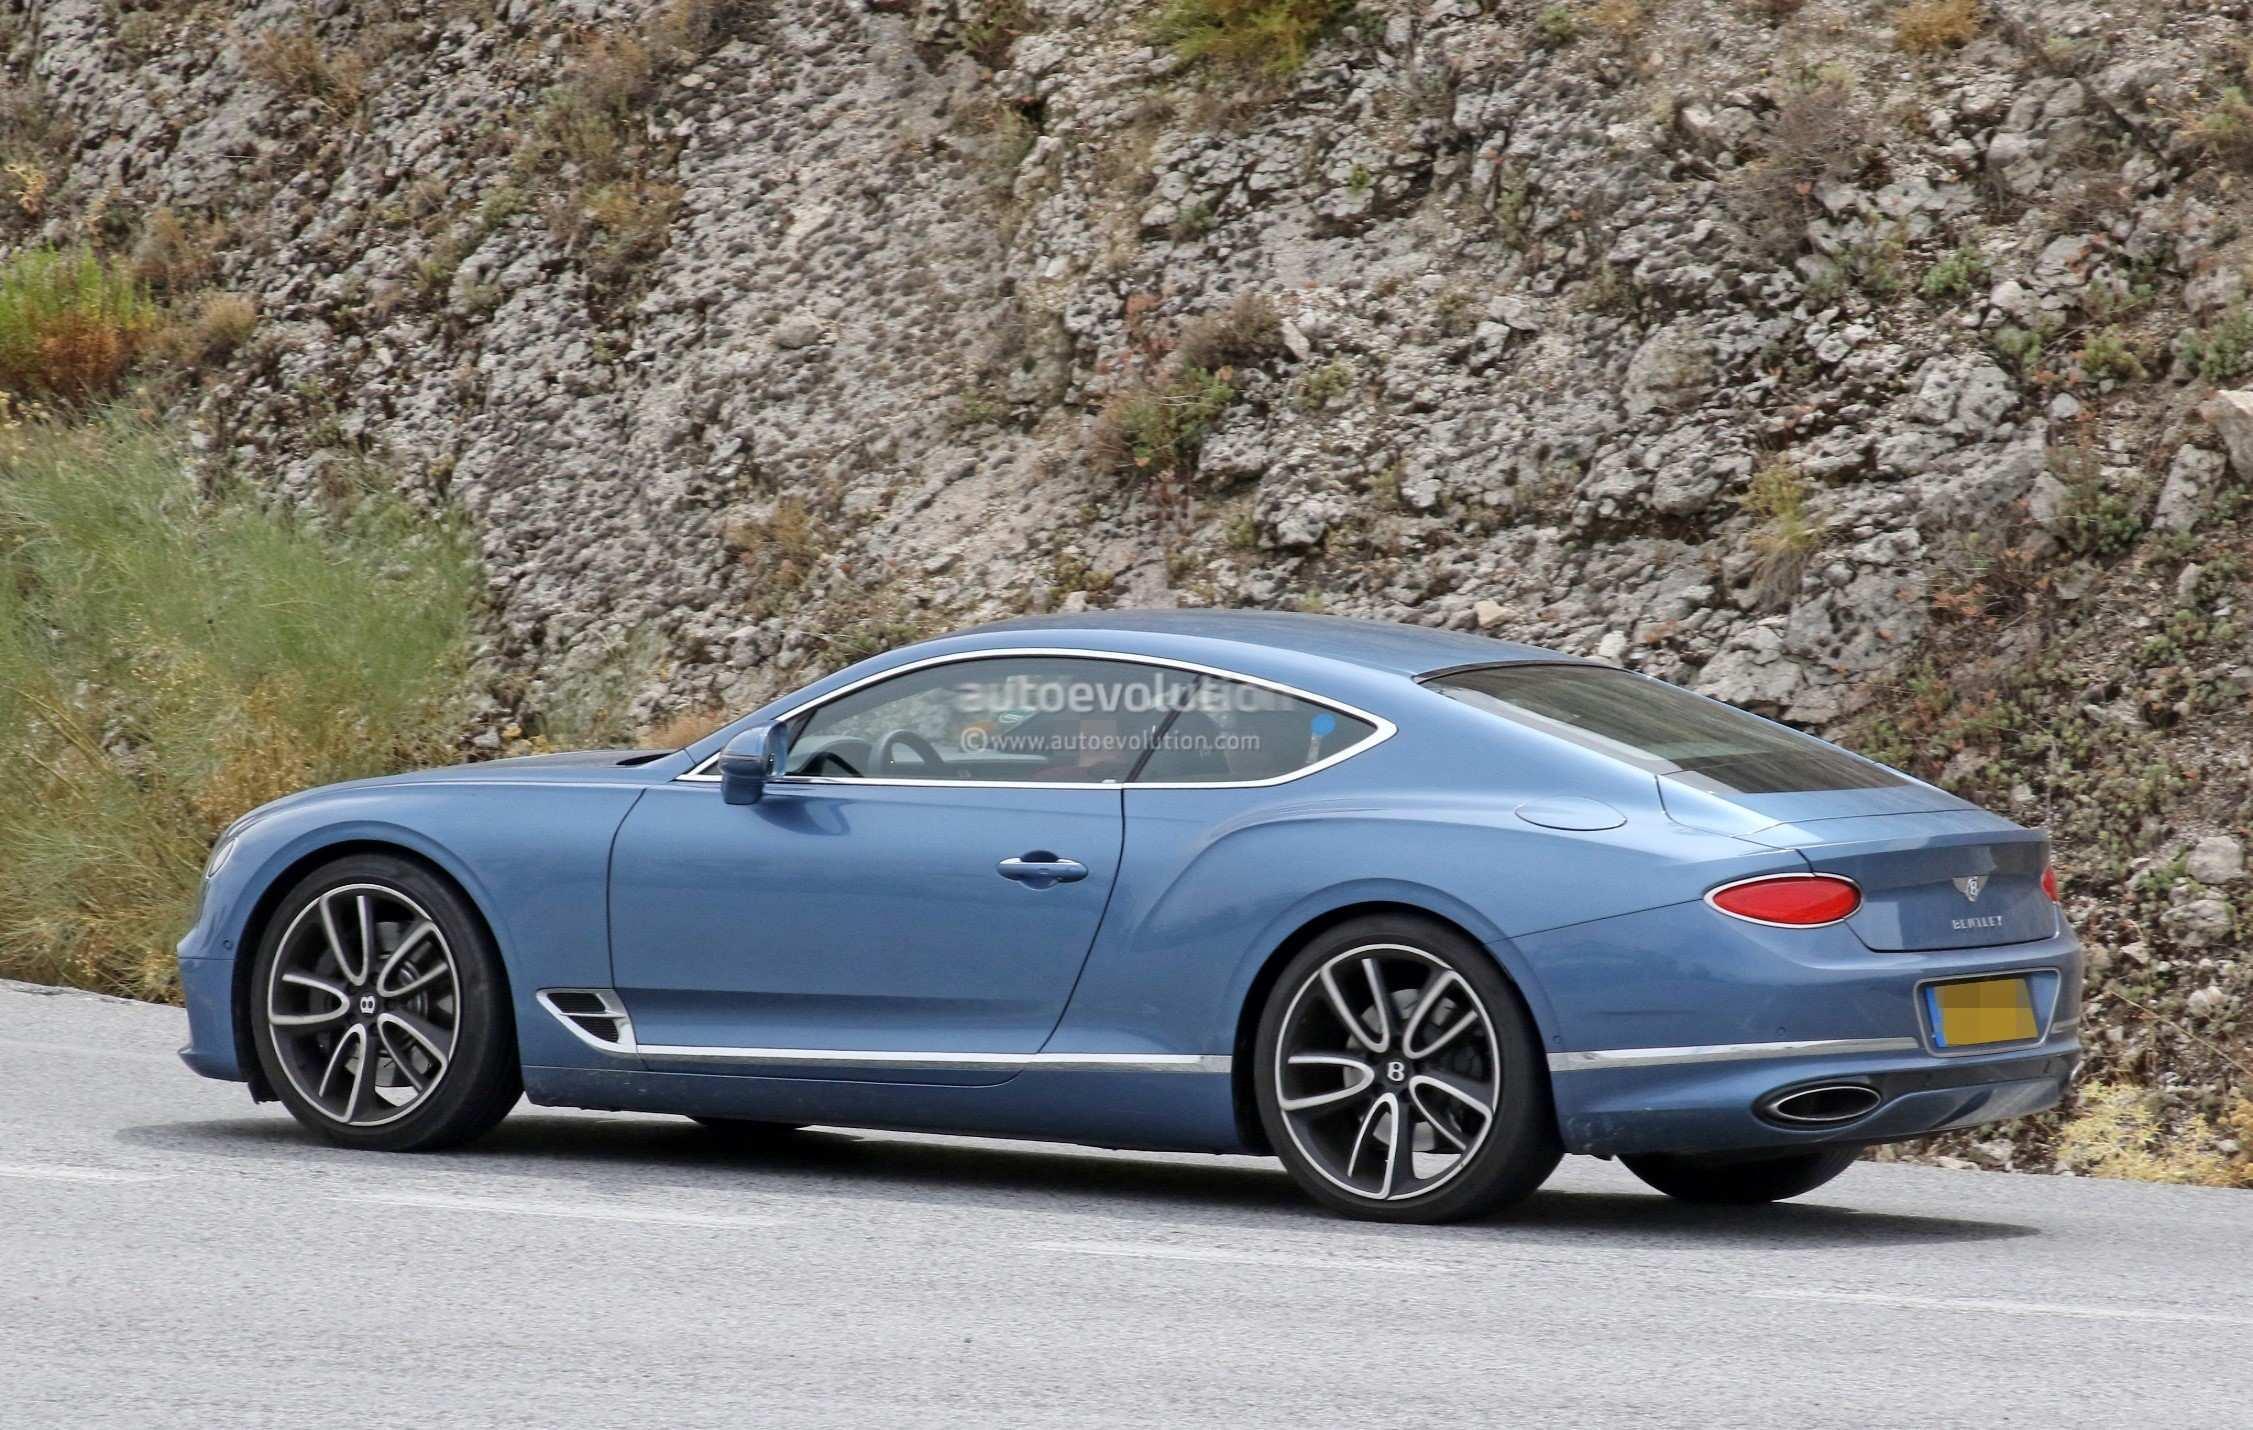 46 Concept of 2020 Bentley Gt Overview with 2020 Bentley Gt